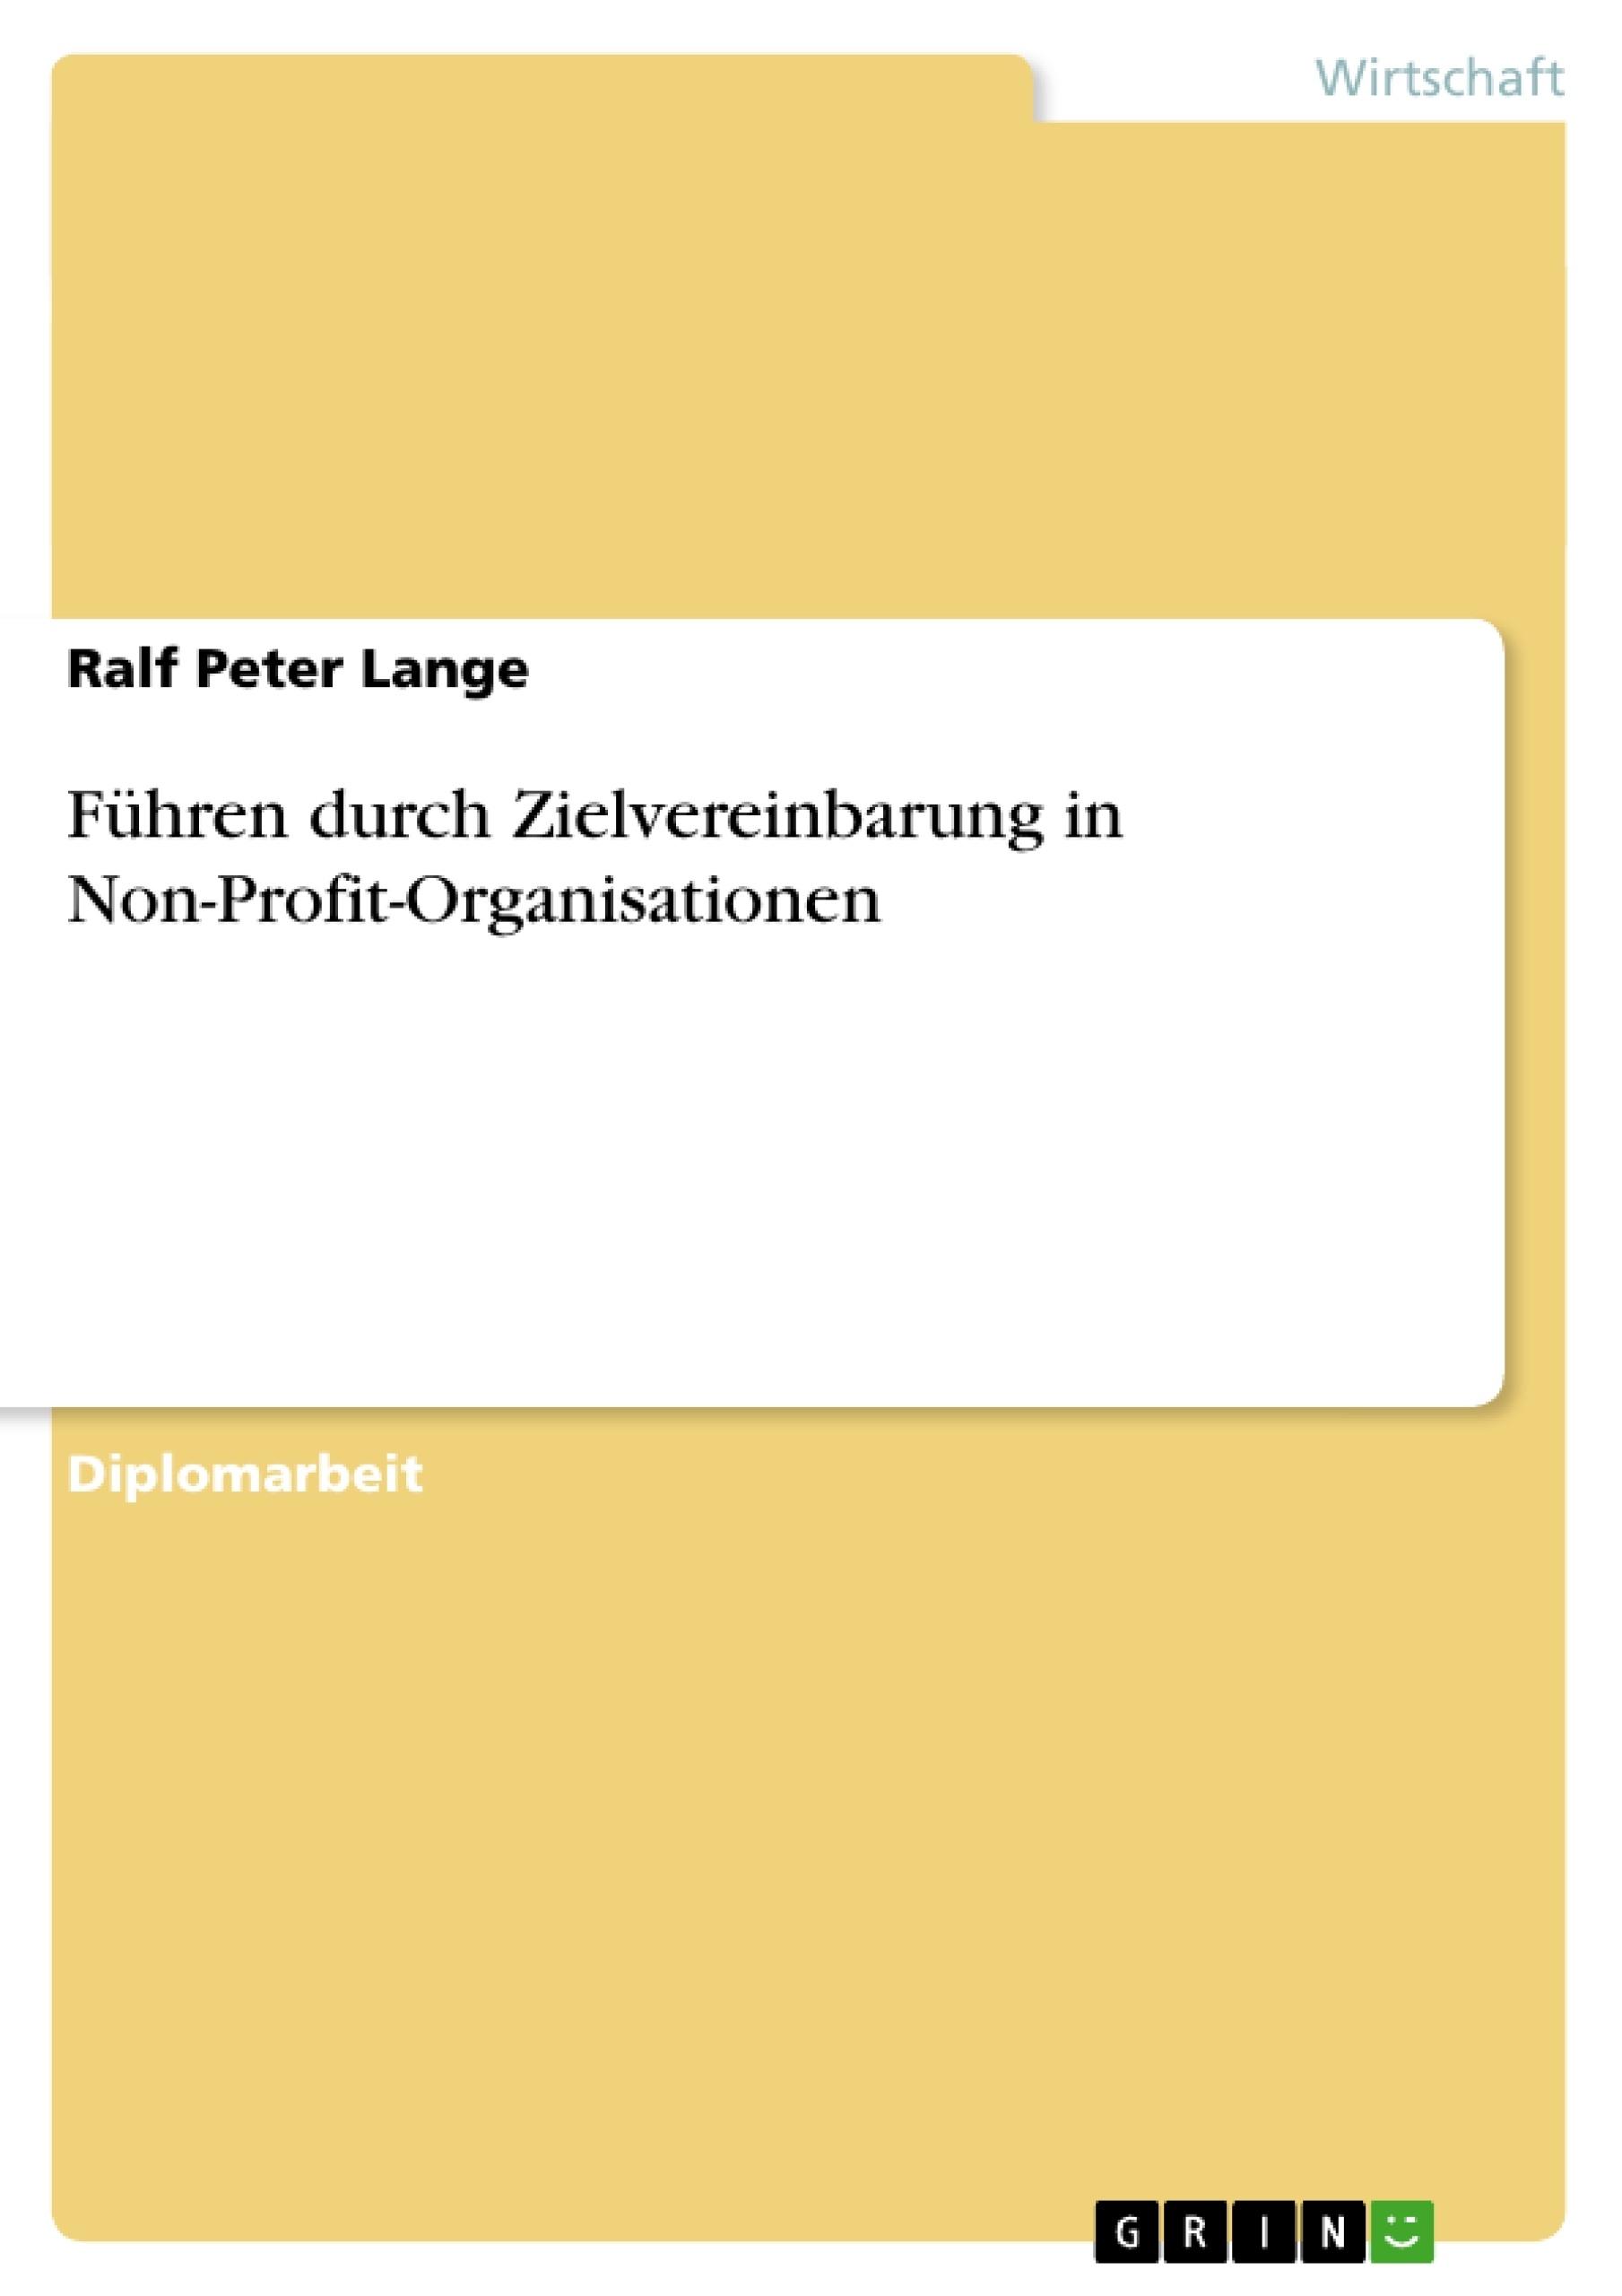 Titel: Führen durch Zielvereinbarung in Non-Profit-Organisationen